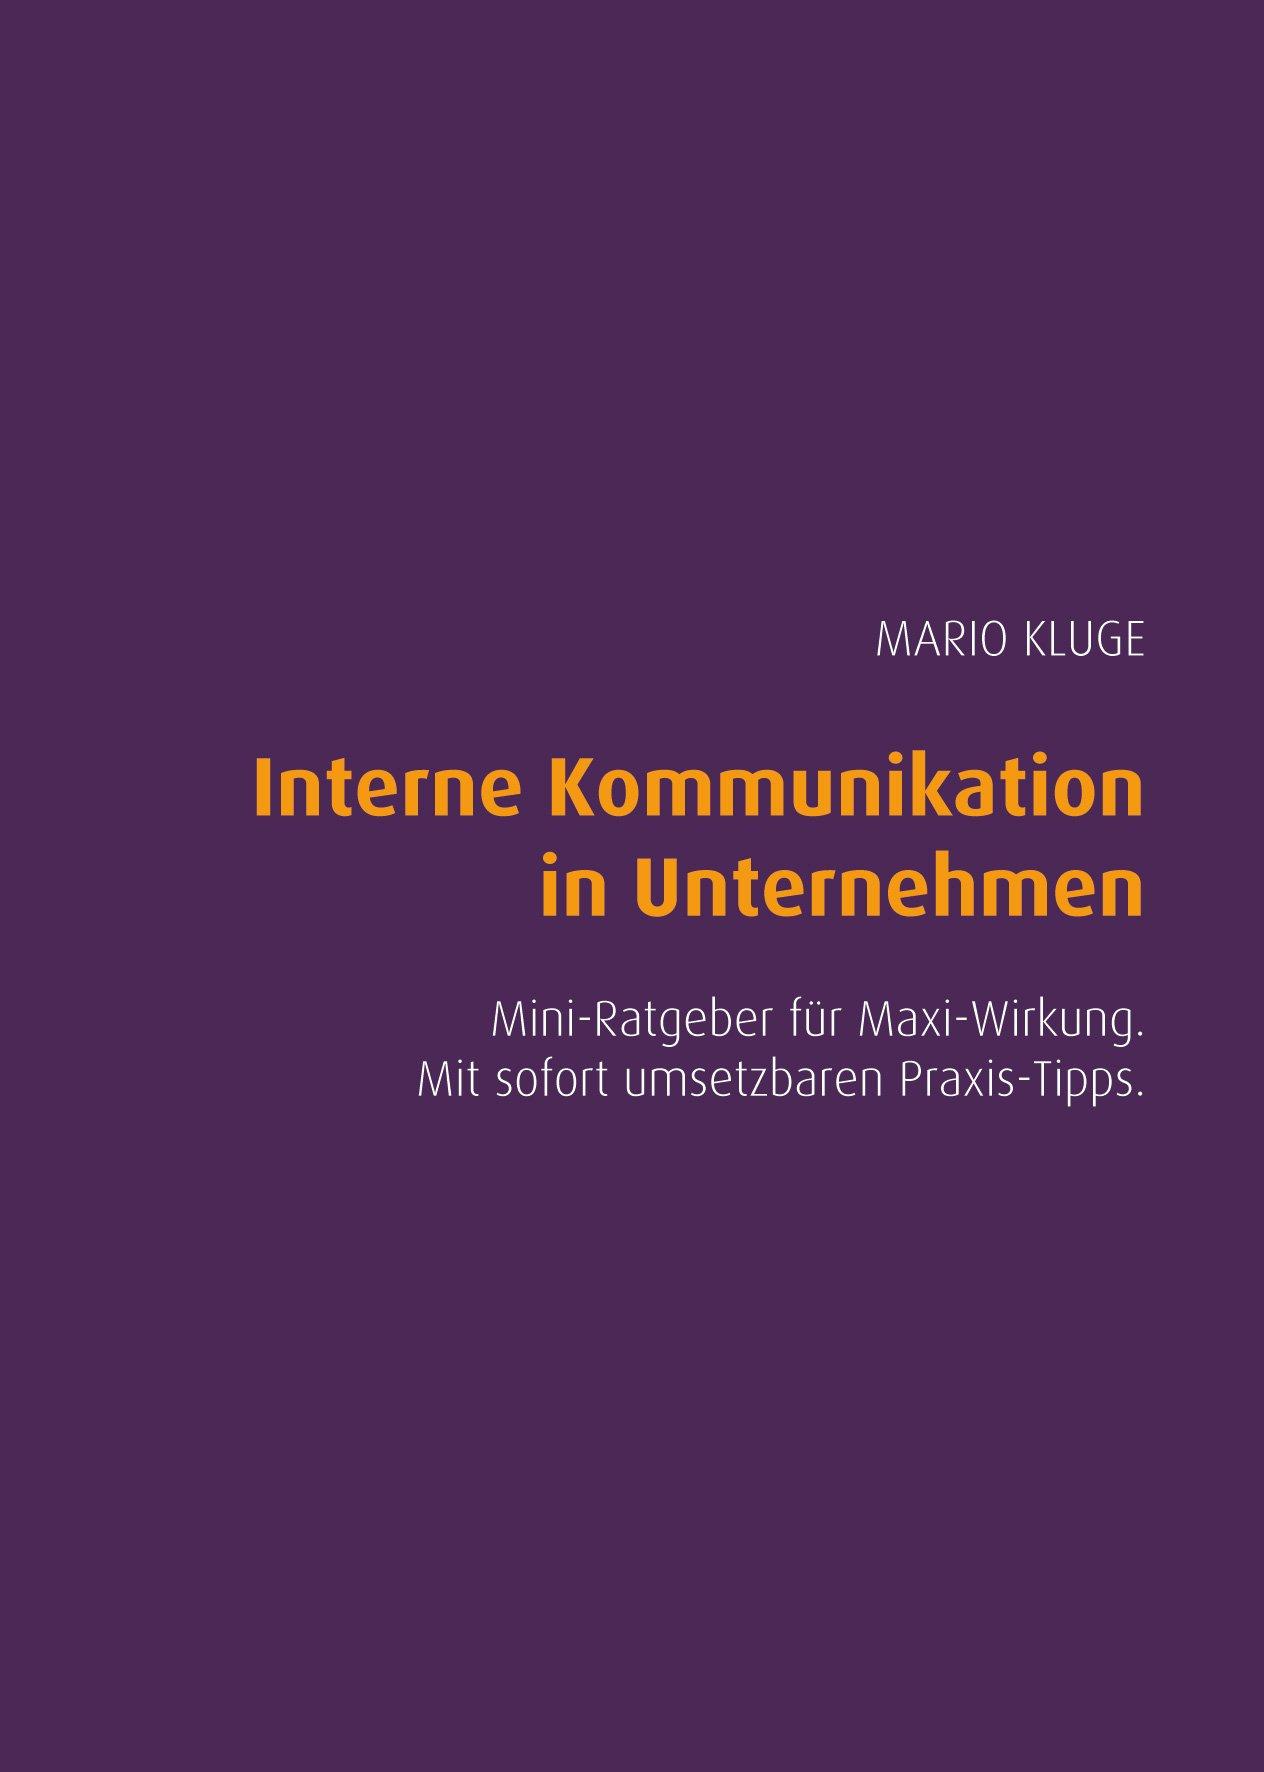 Interne Kommunikation in Unternehmen. Mini-Ratgeber für Maxi-Wirkung. Mit sofort umsetzbaren Praxis-Tipps.